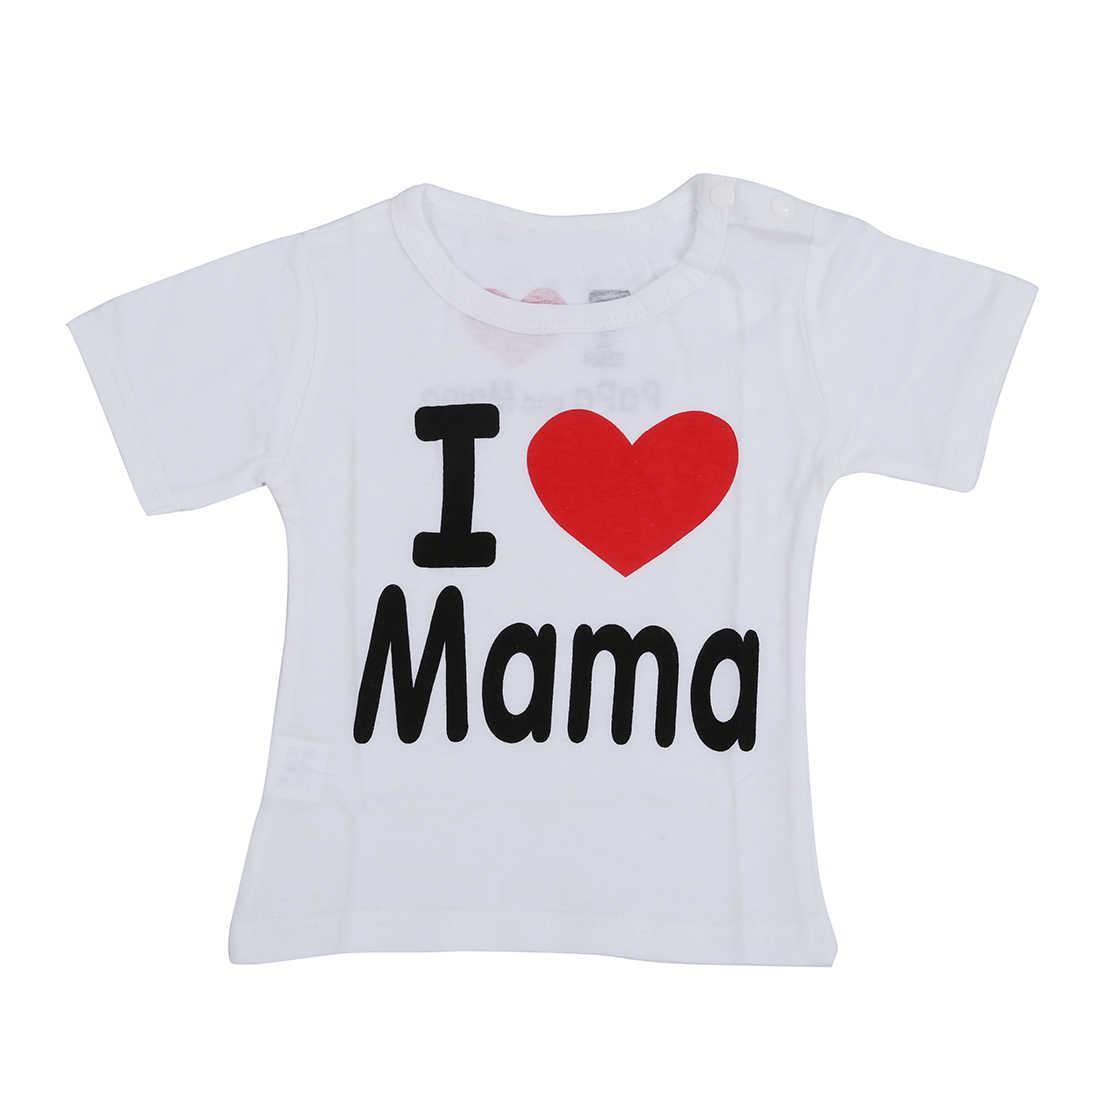 f2f3a1146c Detalle Comentarios Preguntas sobre Ropa de bebé de algodón me encanta mamá  cartas Camiseta de manga corta blanco me encanta mamá en Aliexpress.com